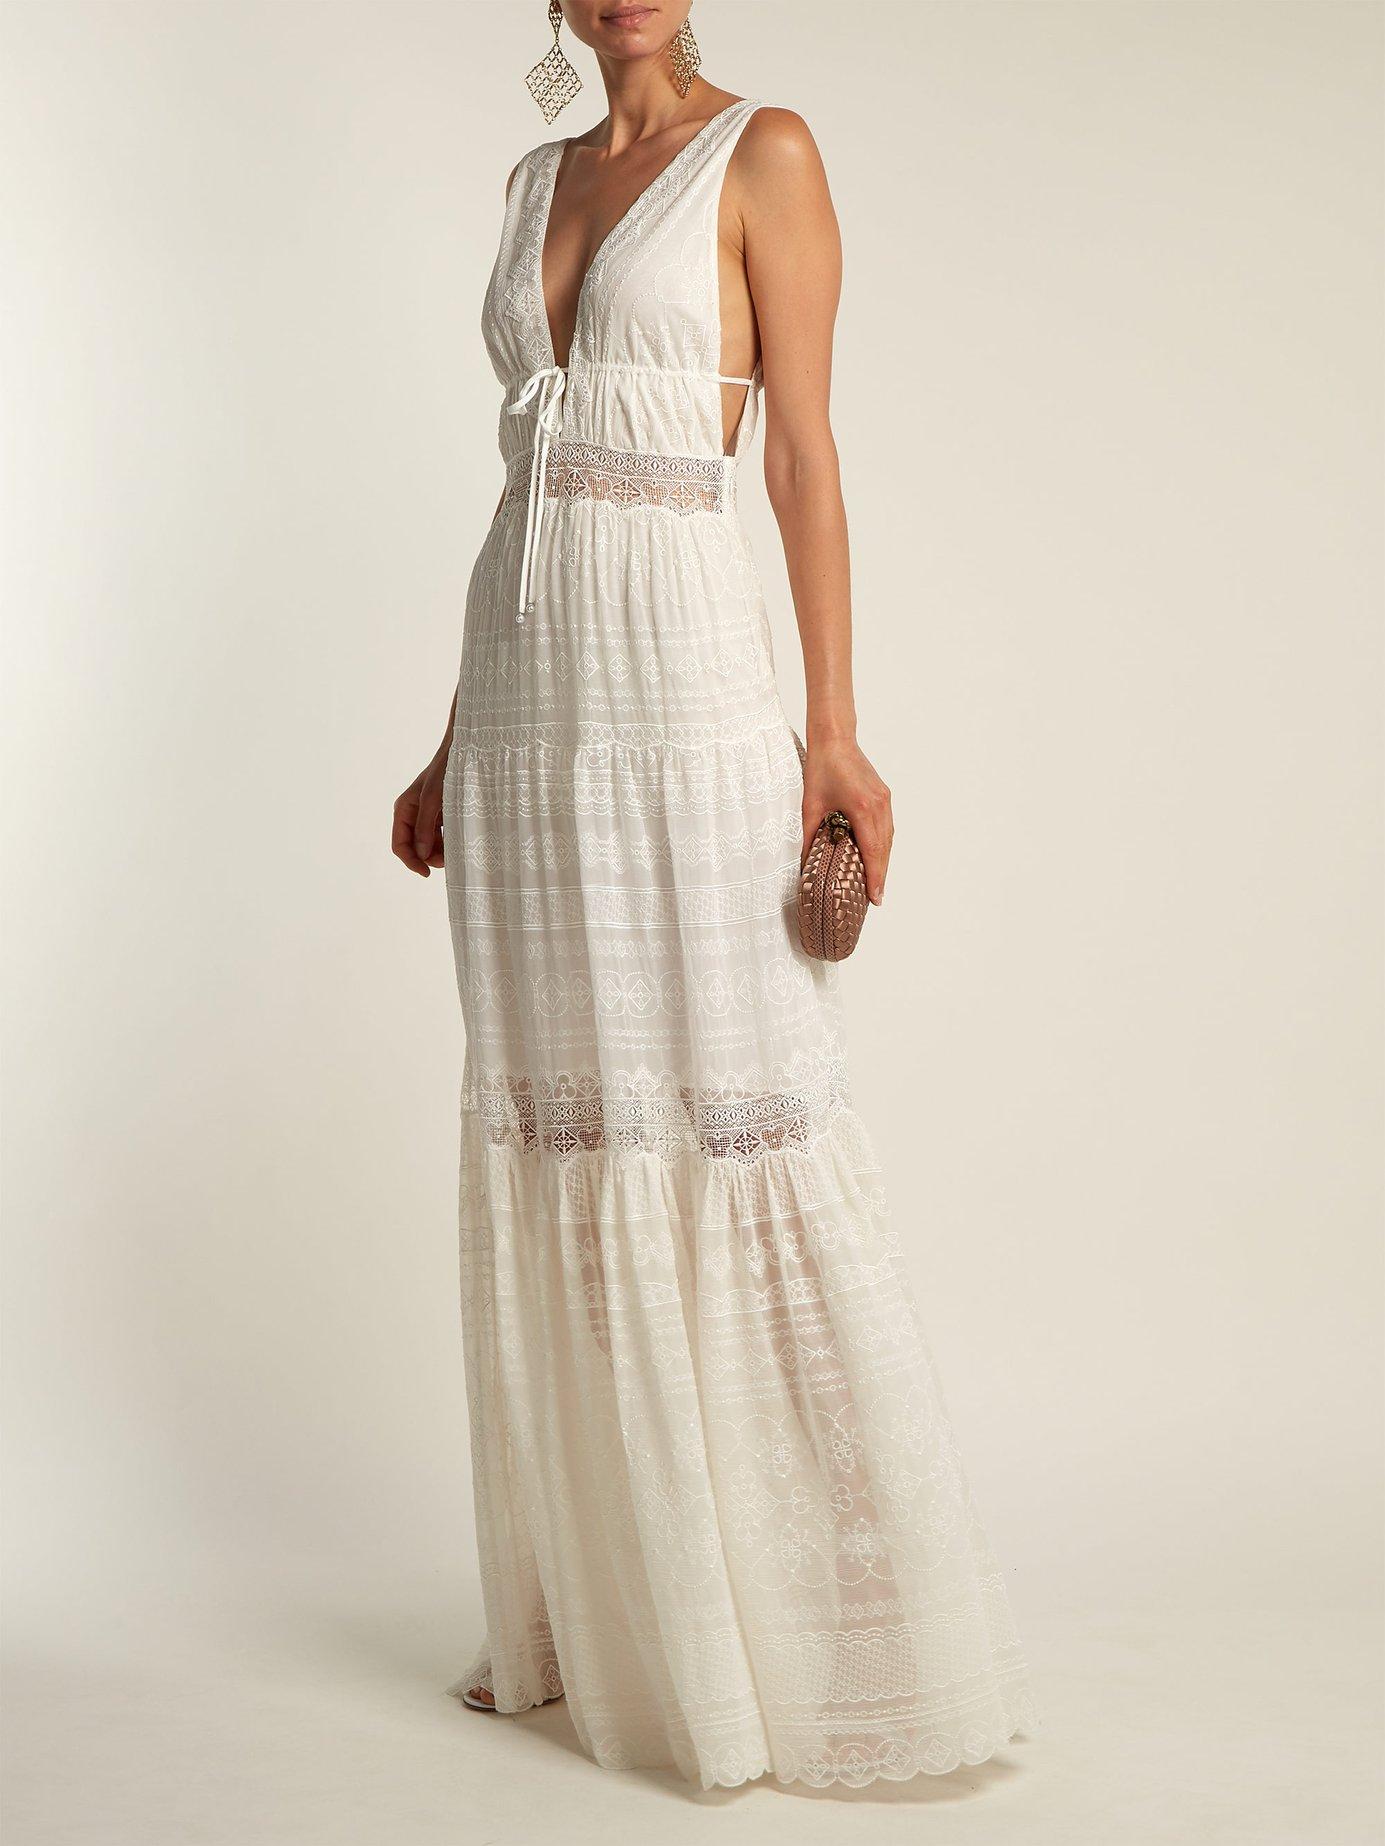 Embroidered-lace silk dress by Jonathan Simkhai